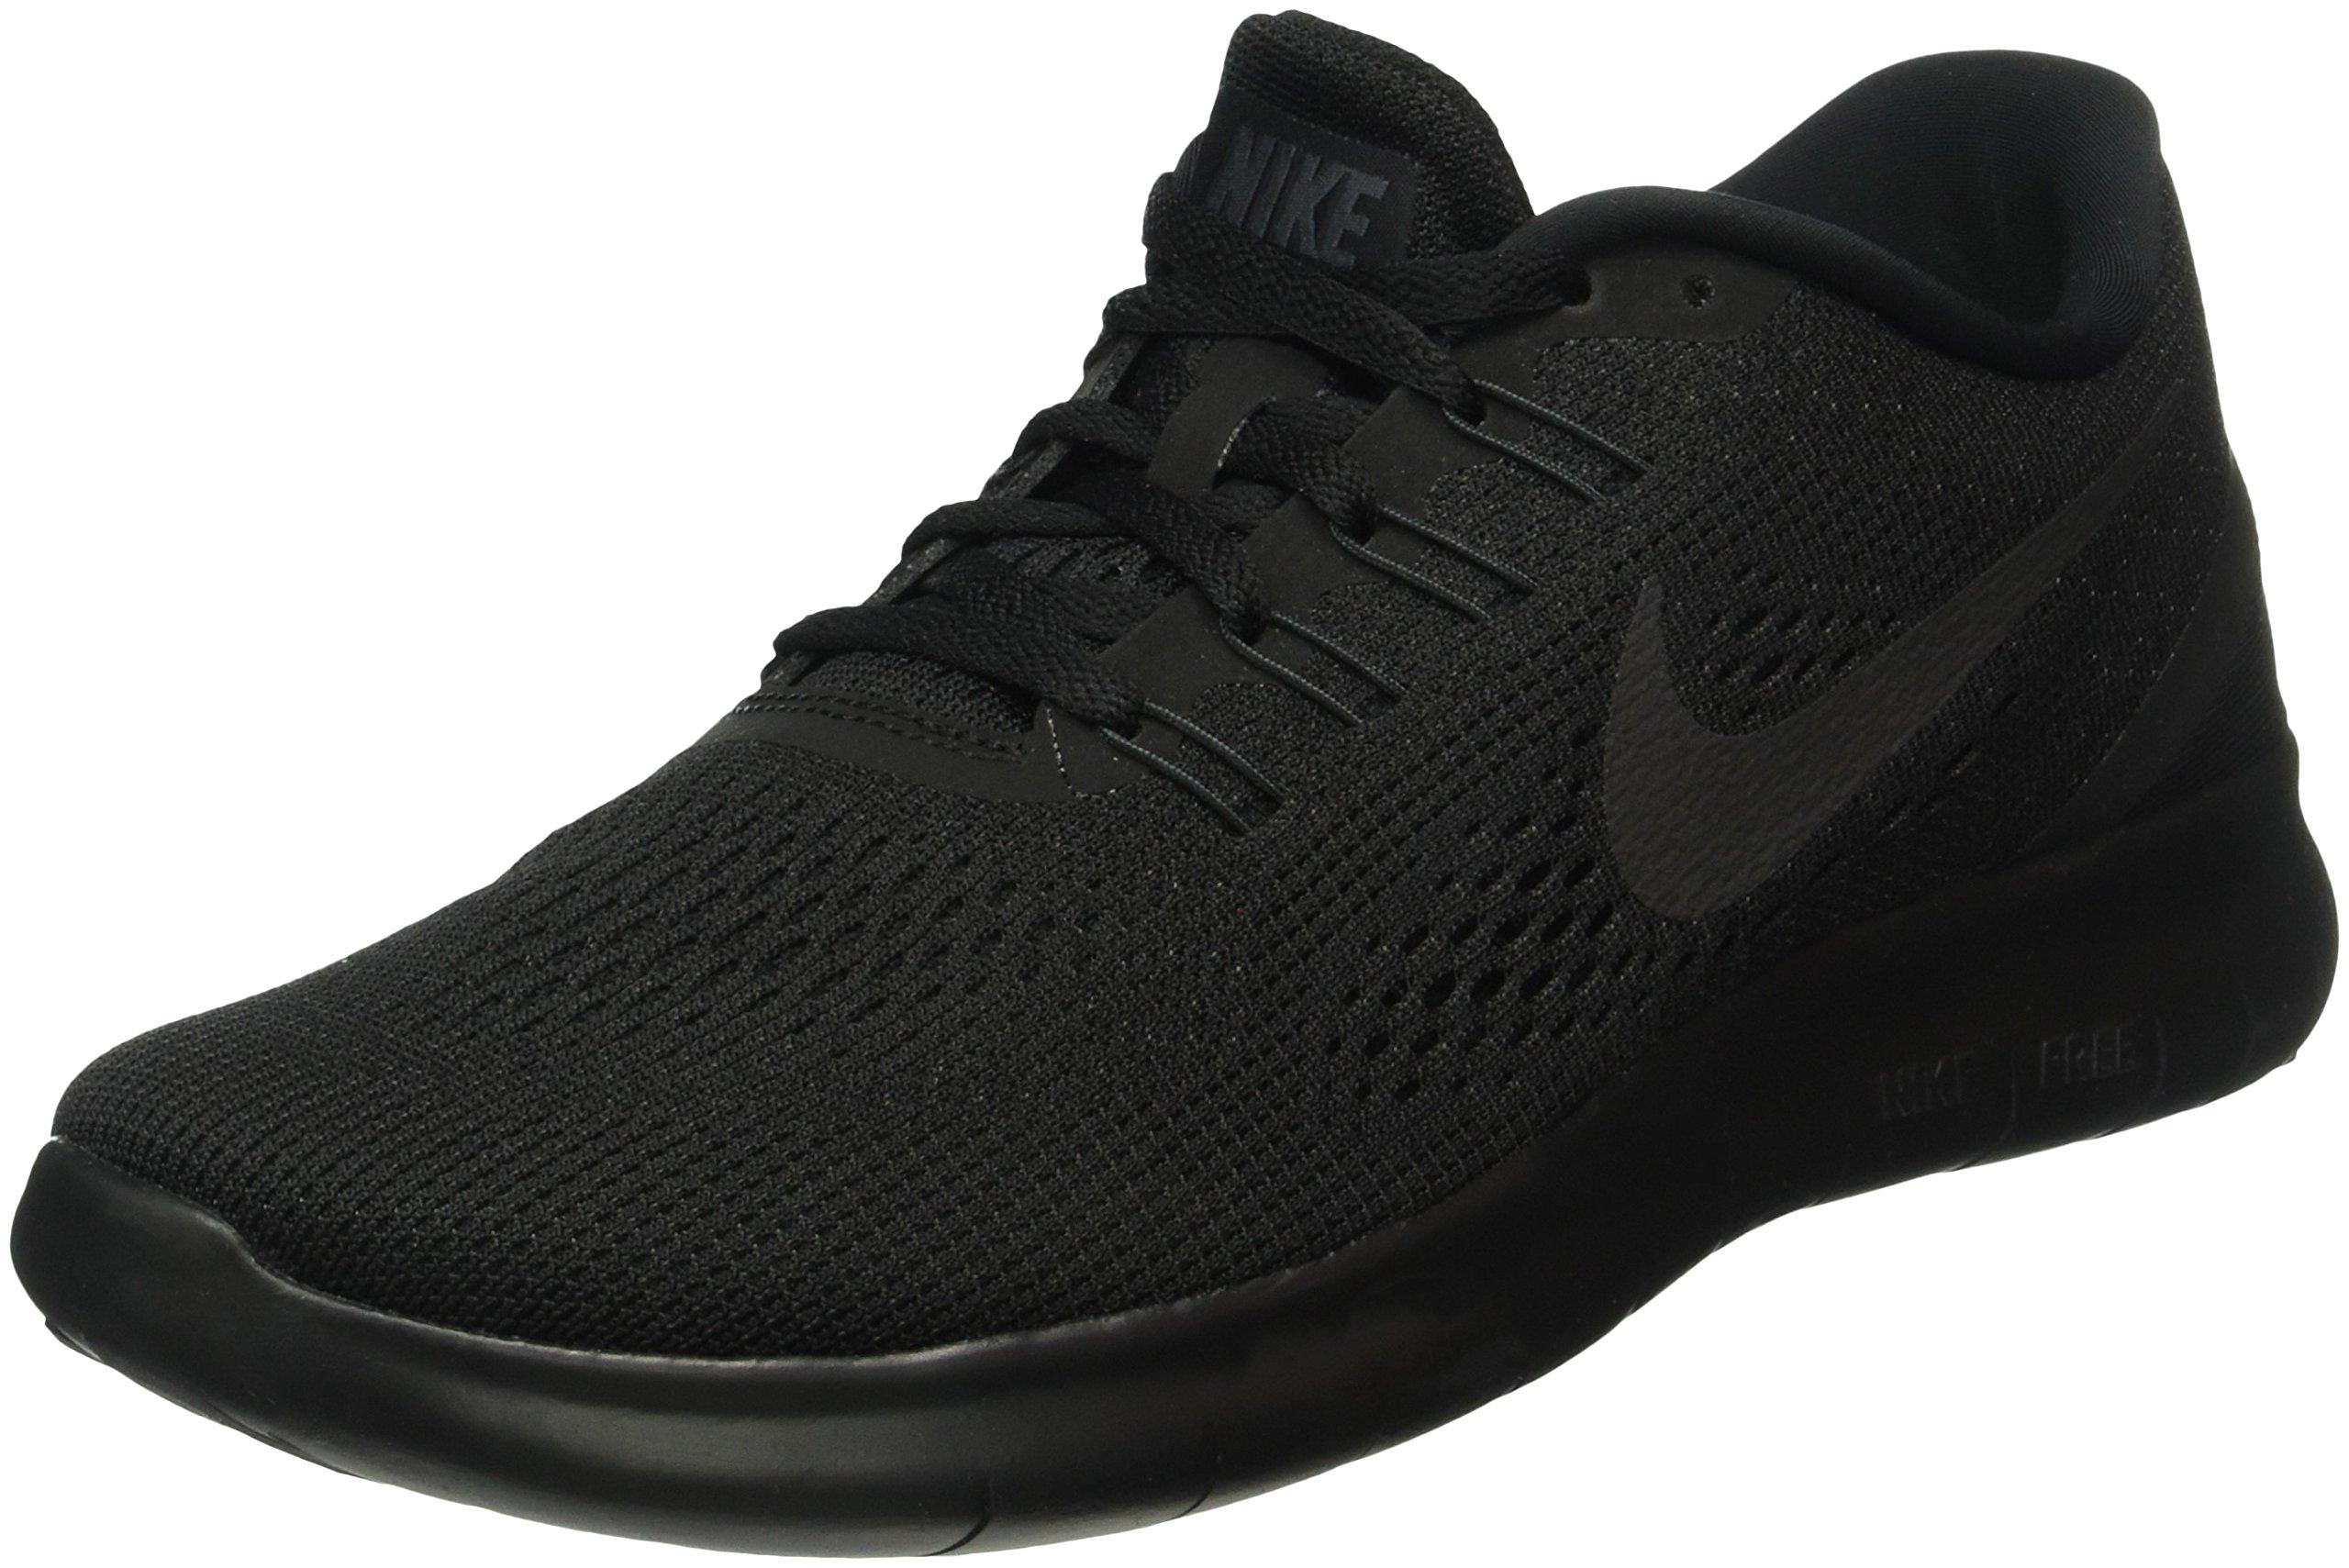 Nike Men's Free RN Running Shoe Black/Black/Anthracite (8, Black/Black-Anthracite) by Nike